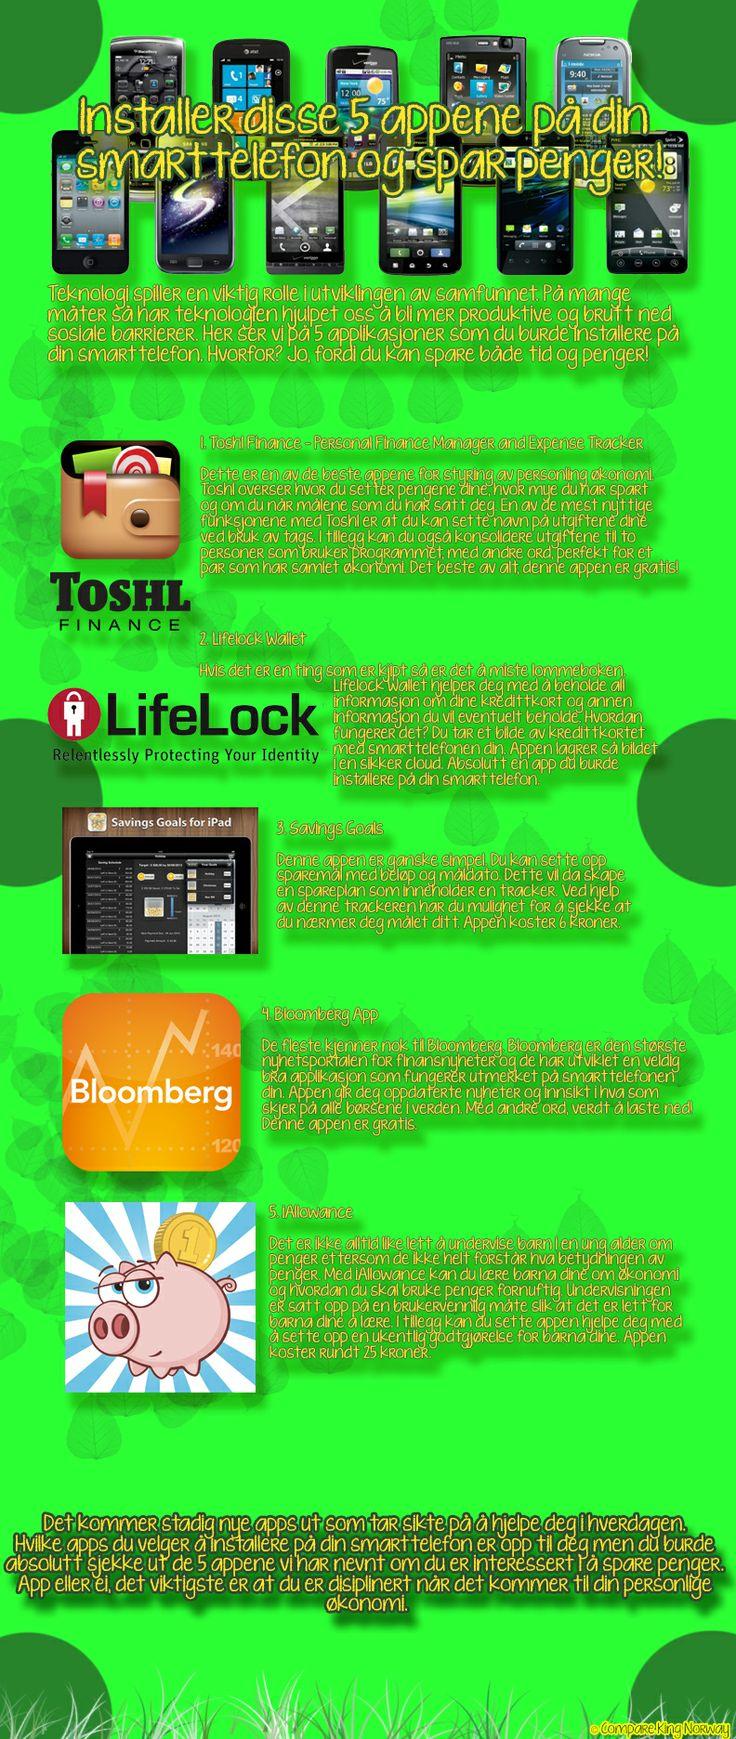 Installer disse 5 appene på din smarttelefon og spar penger!  http://www.compareking.no/mobiltelefon/installer-disse-5-appene-pa-din-smarttelefon-og-spar-penger-compareking/